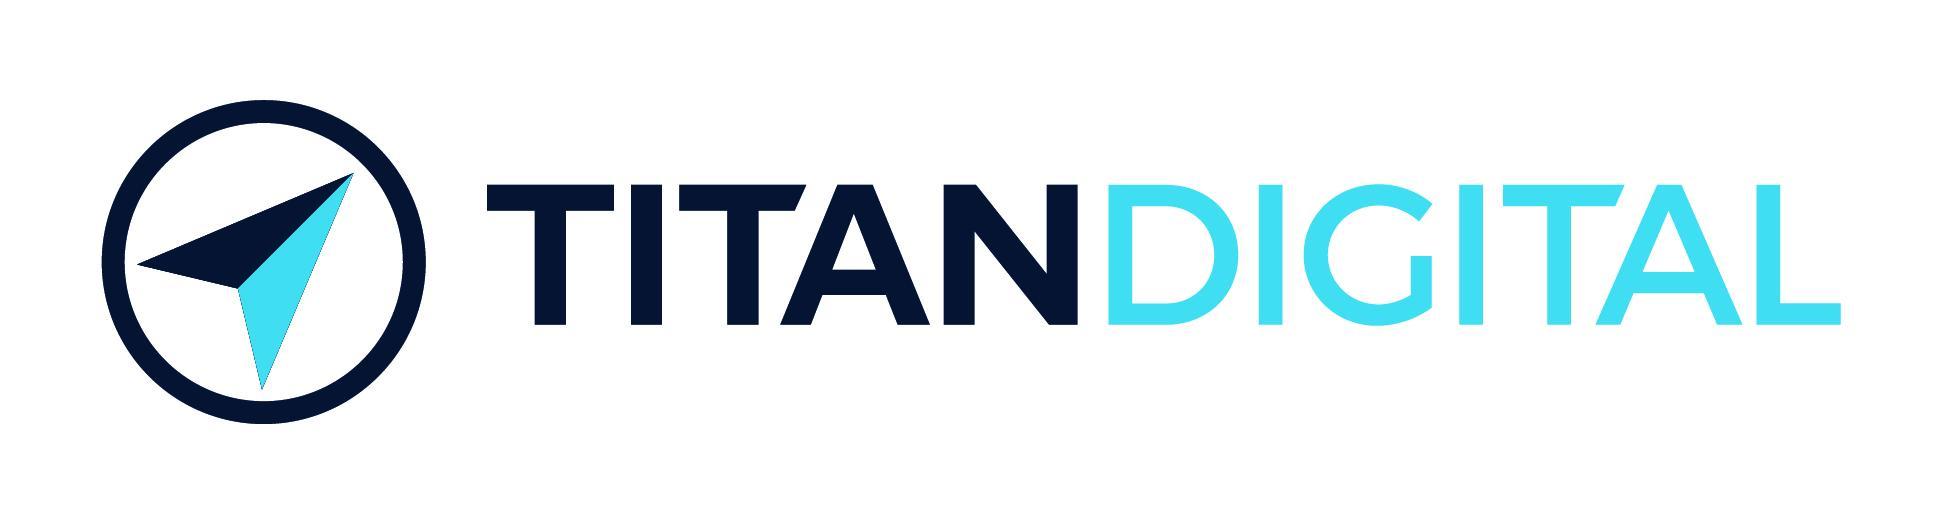 Titan Digital